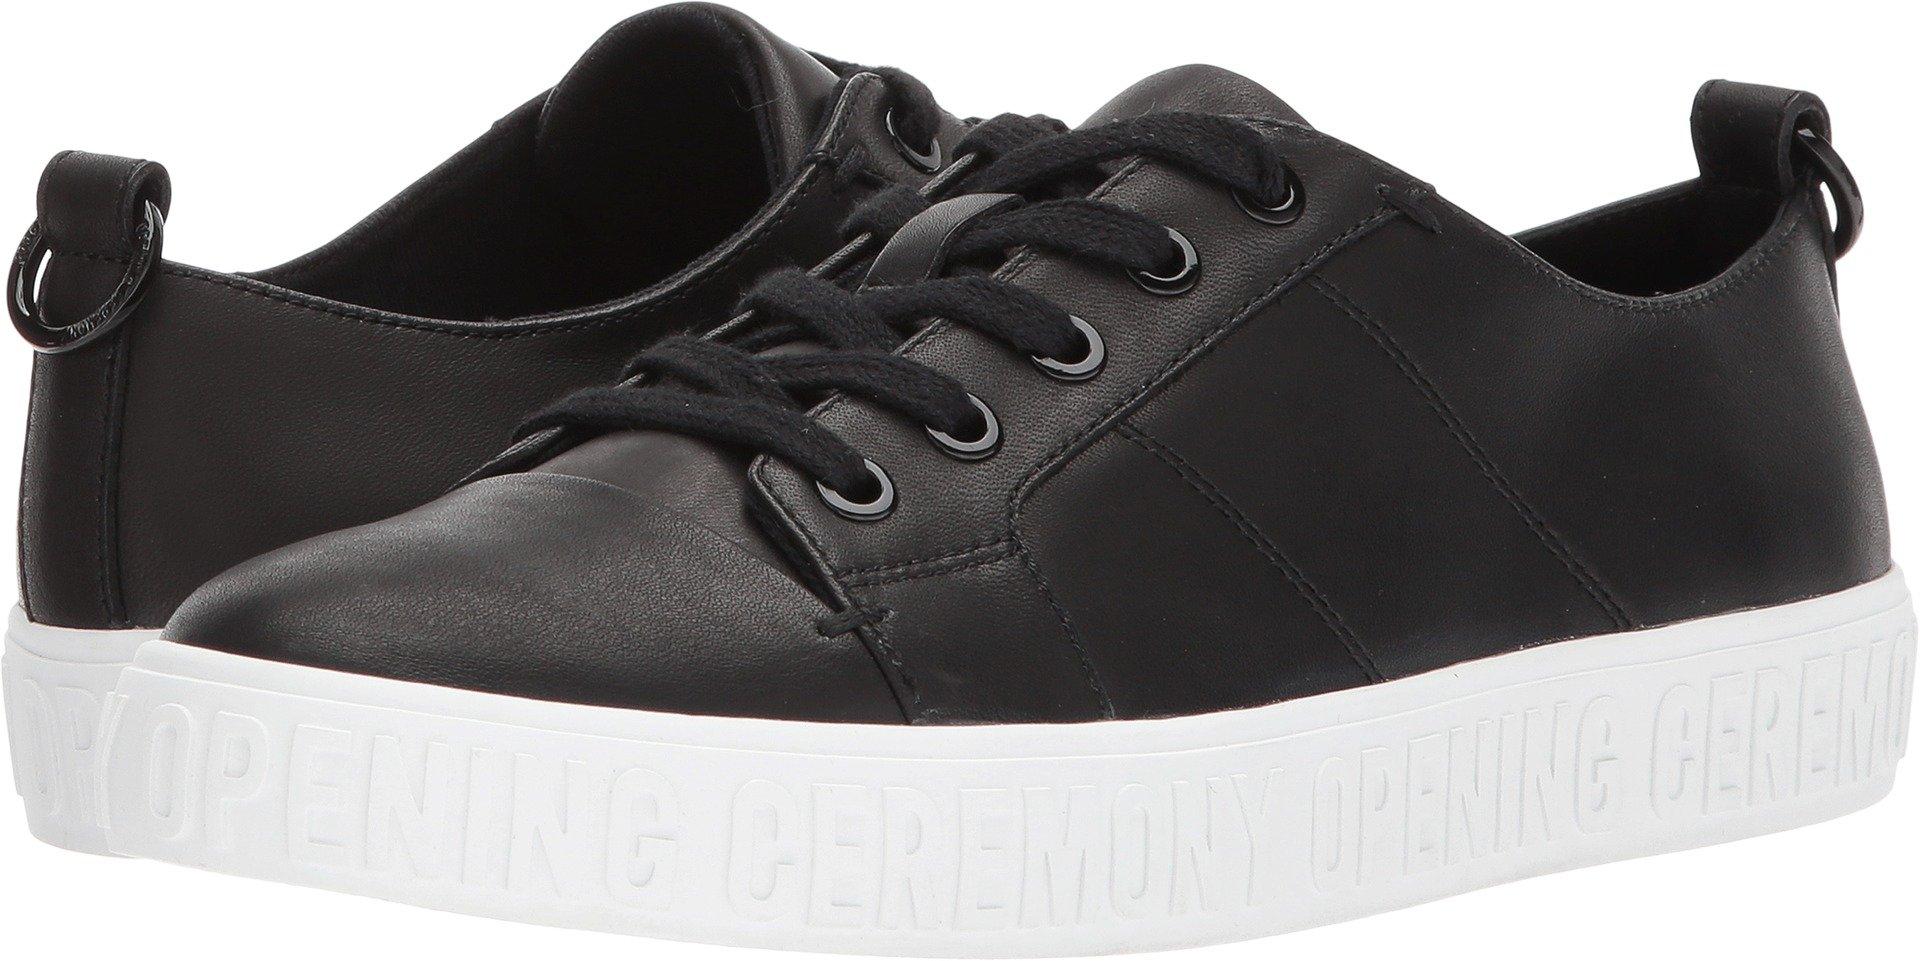 Opening Ceremony Women's La Cienega Low Top Sneaker Black Multi 38 B EU